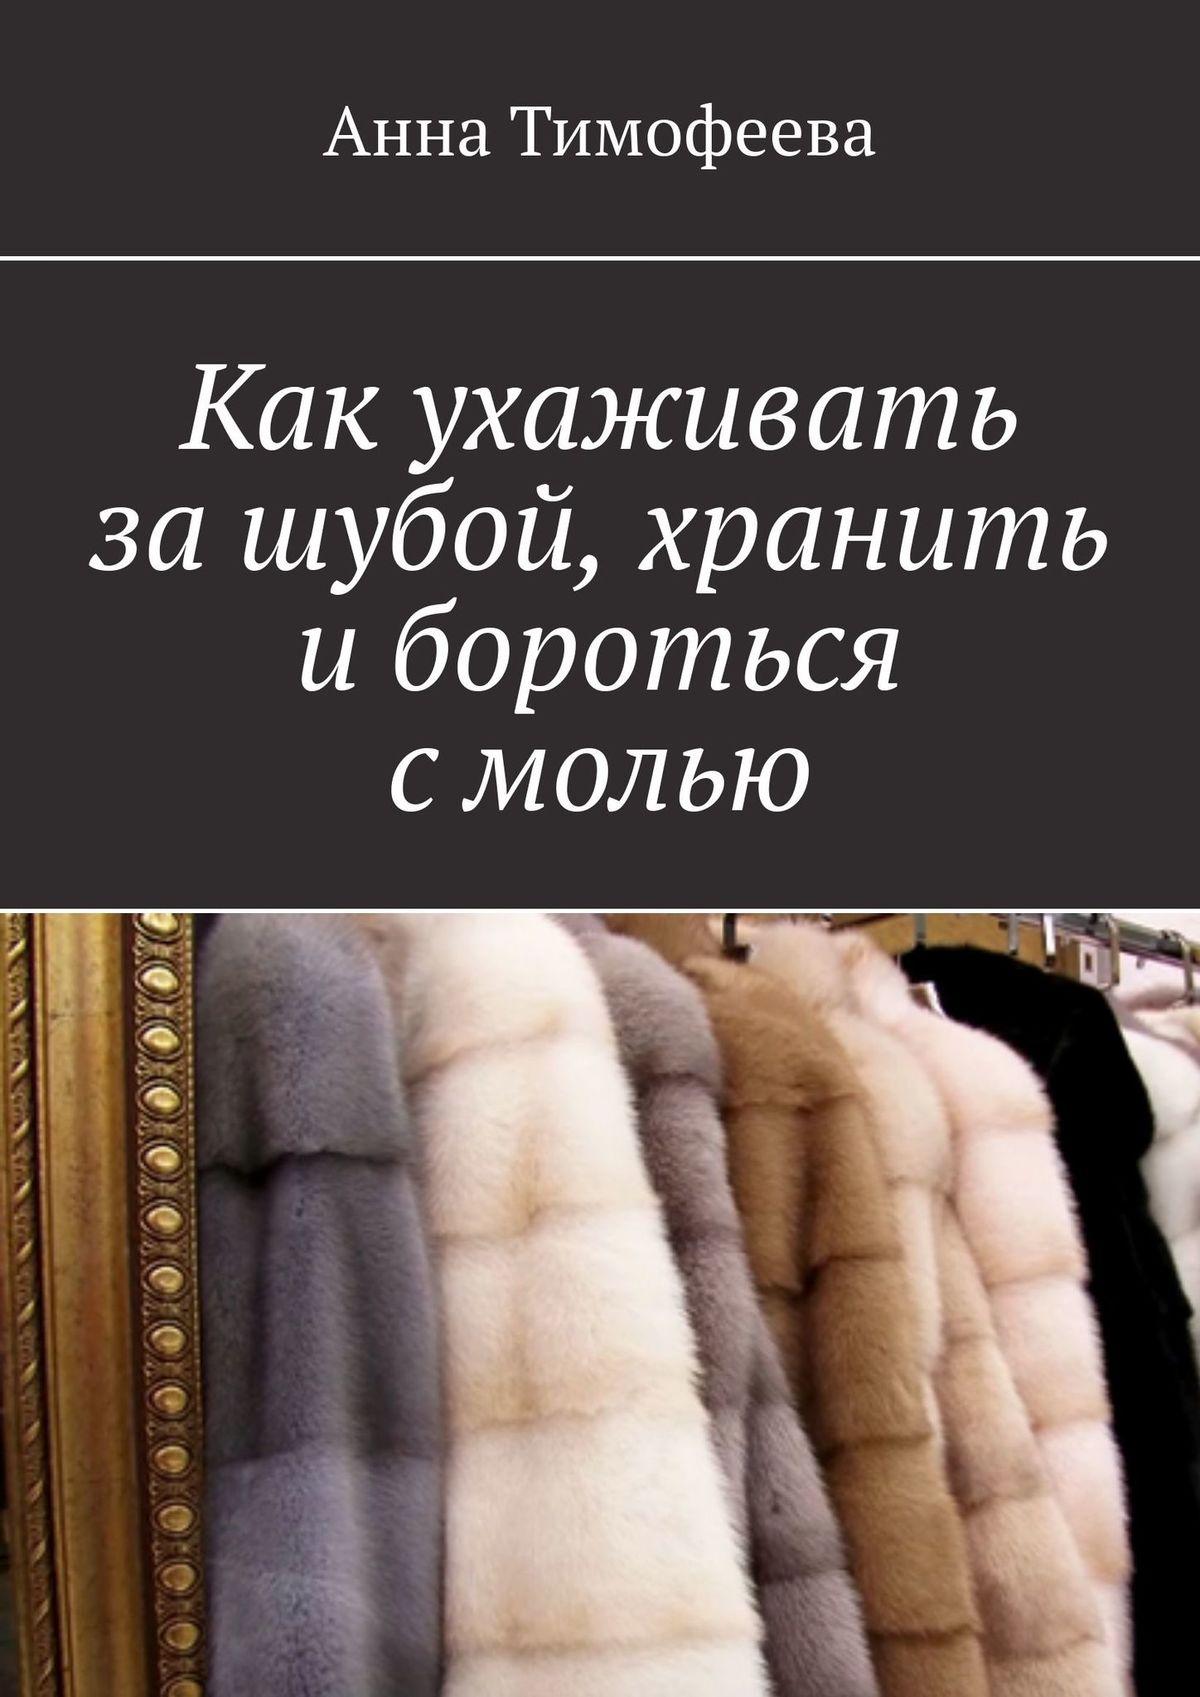 Татьяна Михеева Как ухаживать зашубой, хранить ибороться смолью